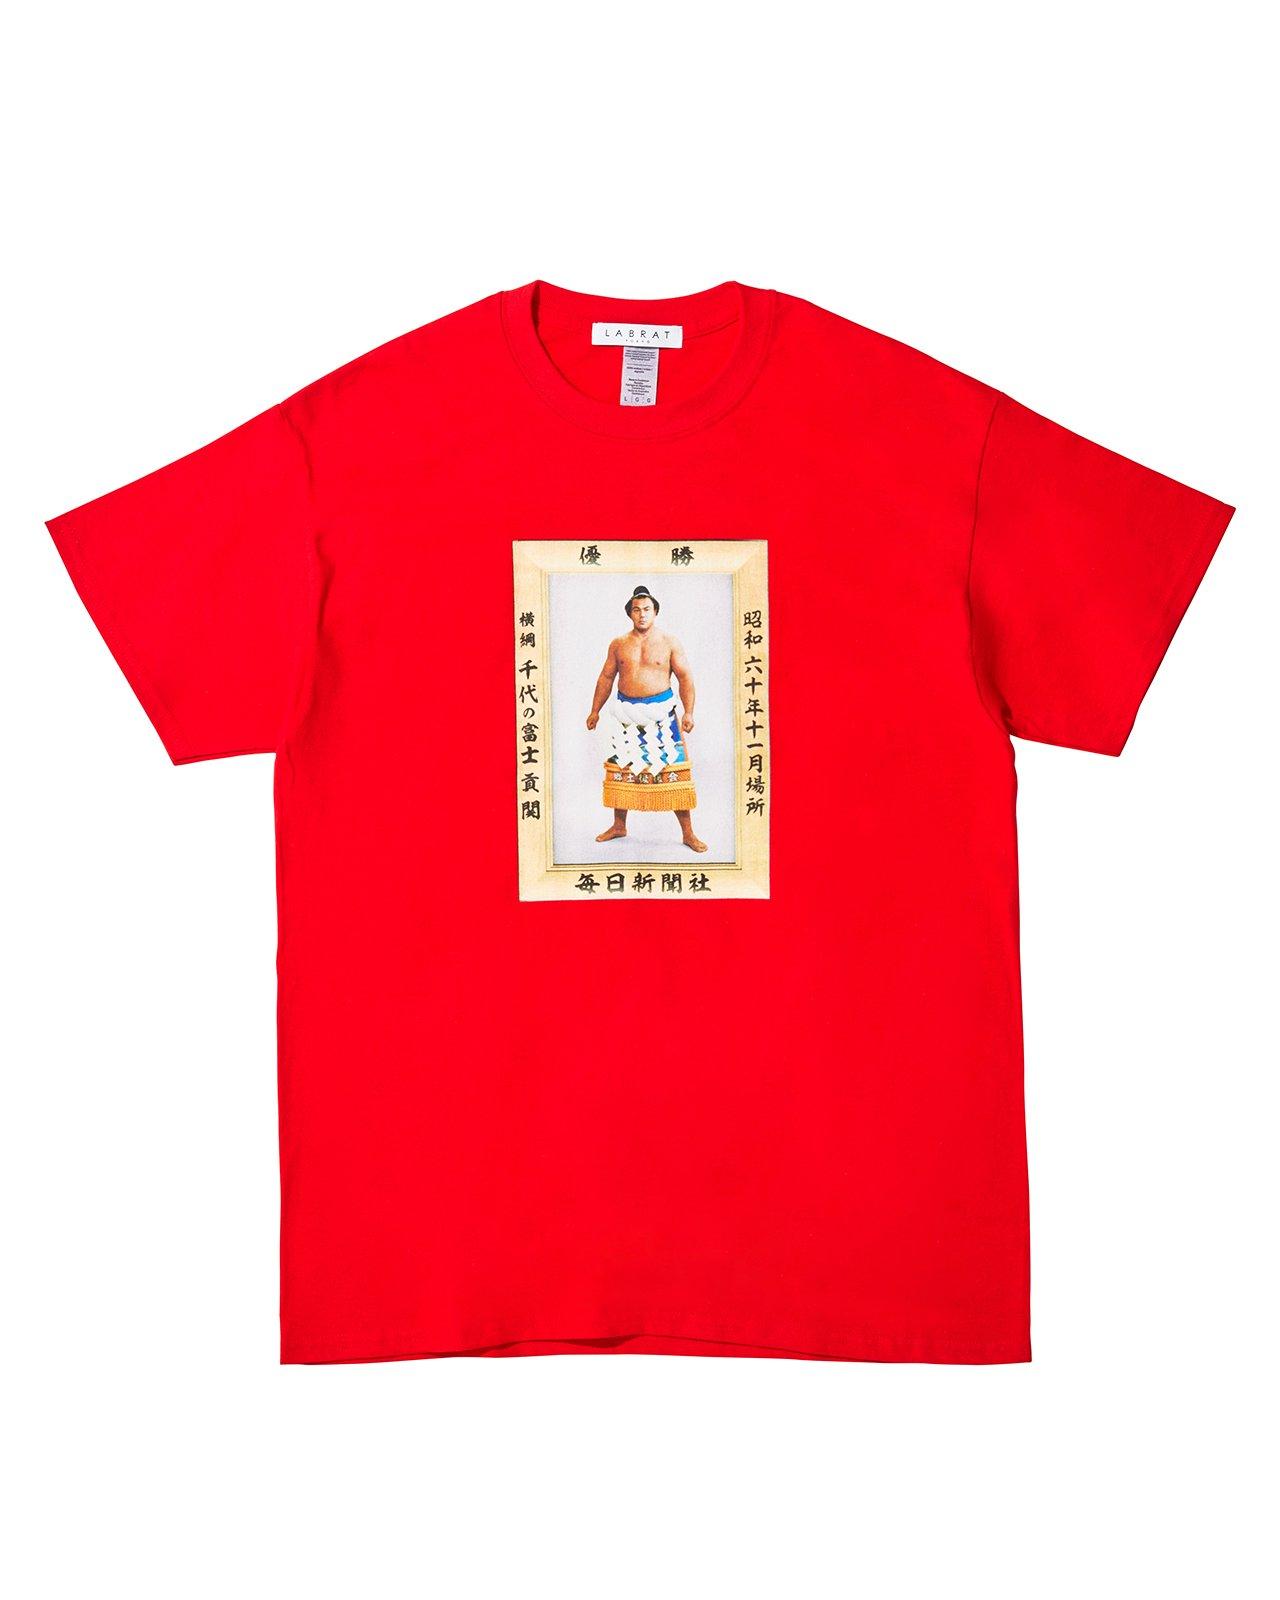 千代の富士 for LABRAT JR両国駅限定販売 Tシャツ(RED)(size: 2XL, 3XL)